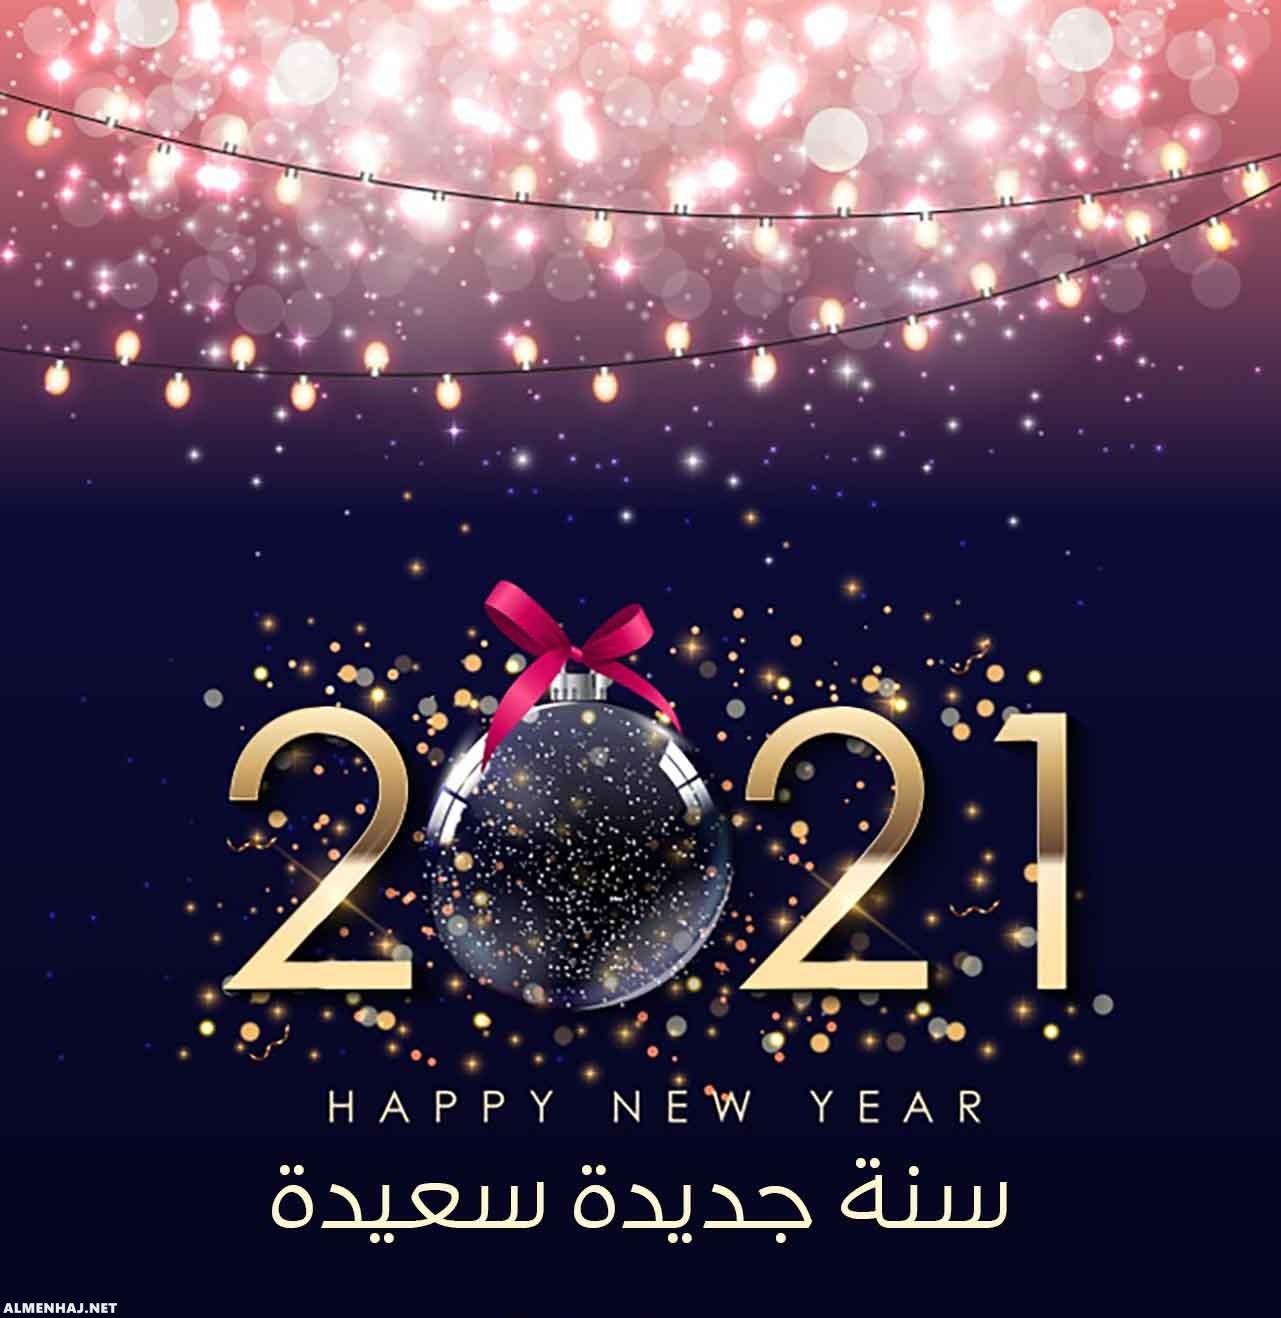 عبارات عن رأس السنة مزخرفه 2022